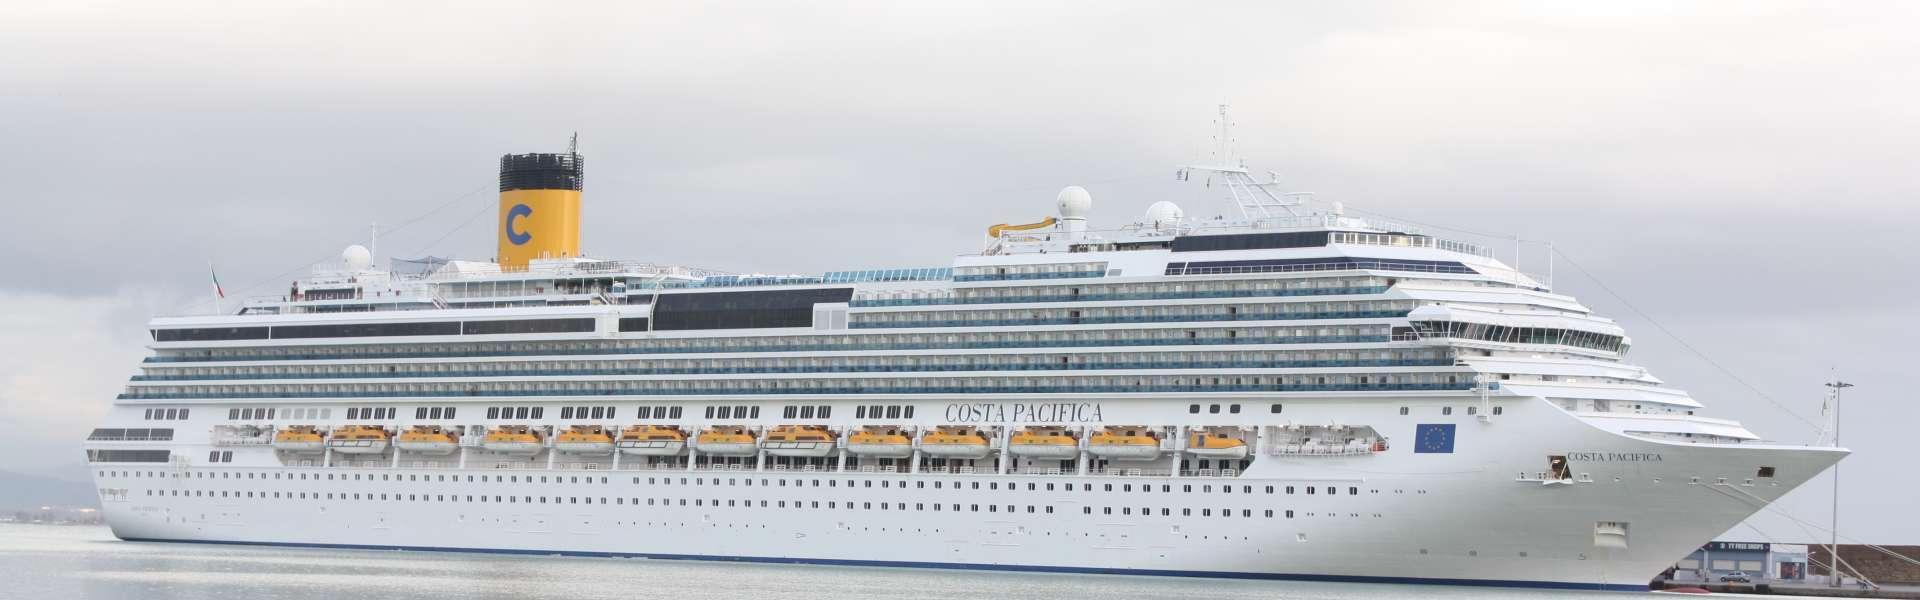 Croaziera 2019 - Caraibe de Est (Pointe a Pitre) - Costa Cruises - Costa Pacifica - 7 nopti